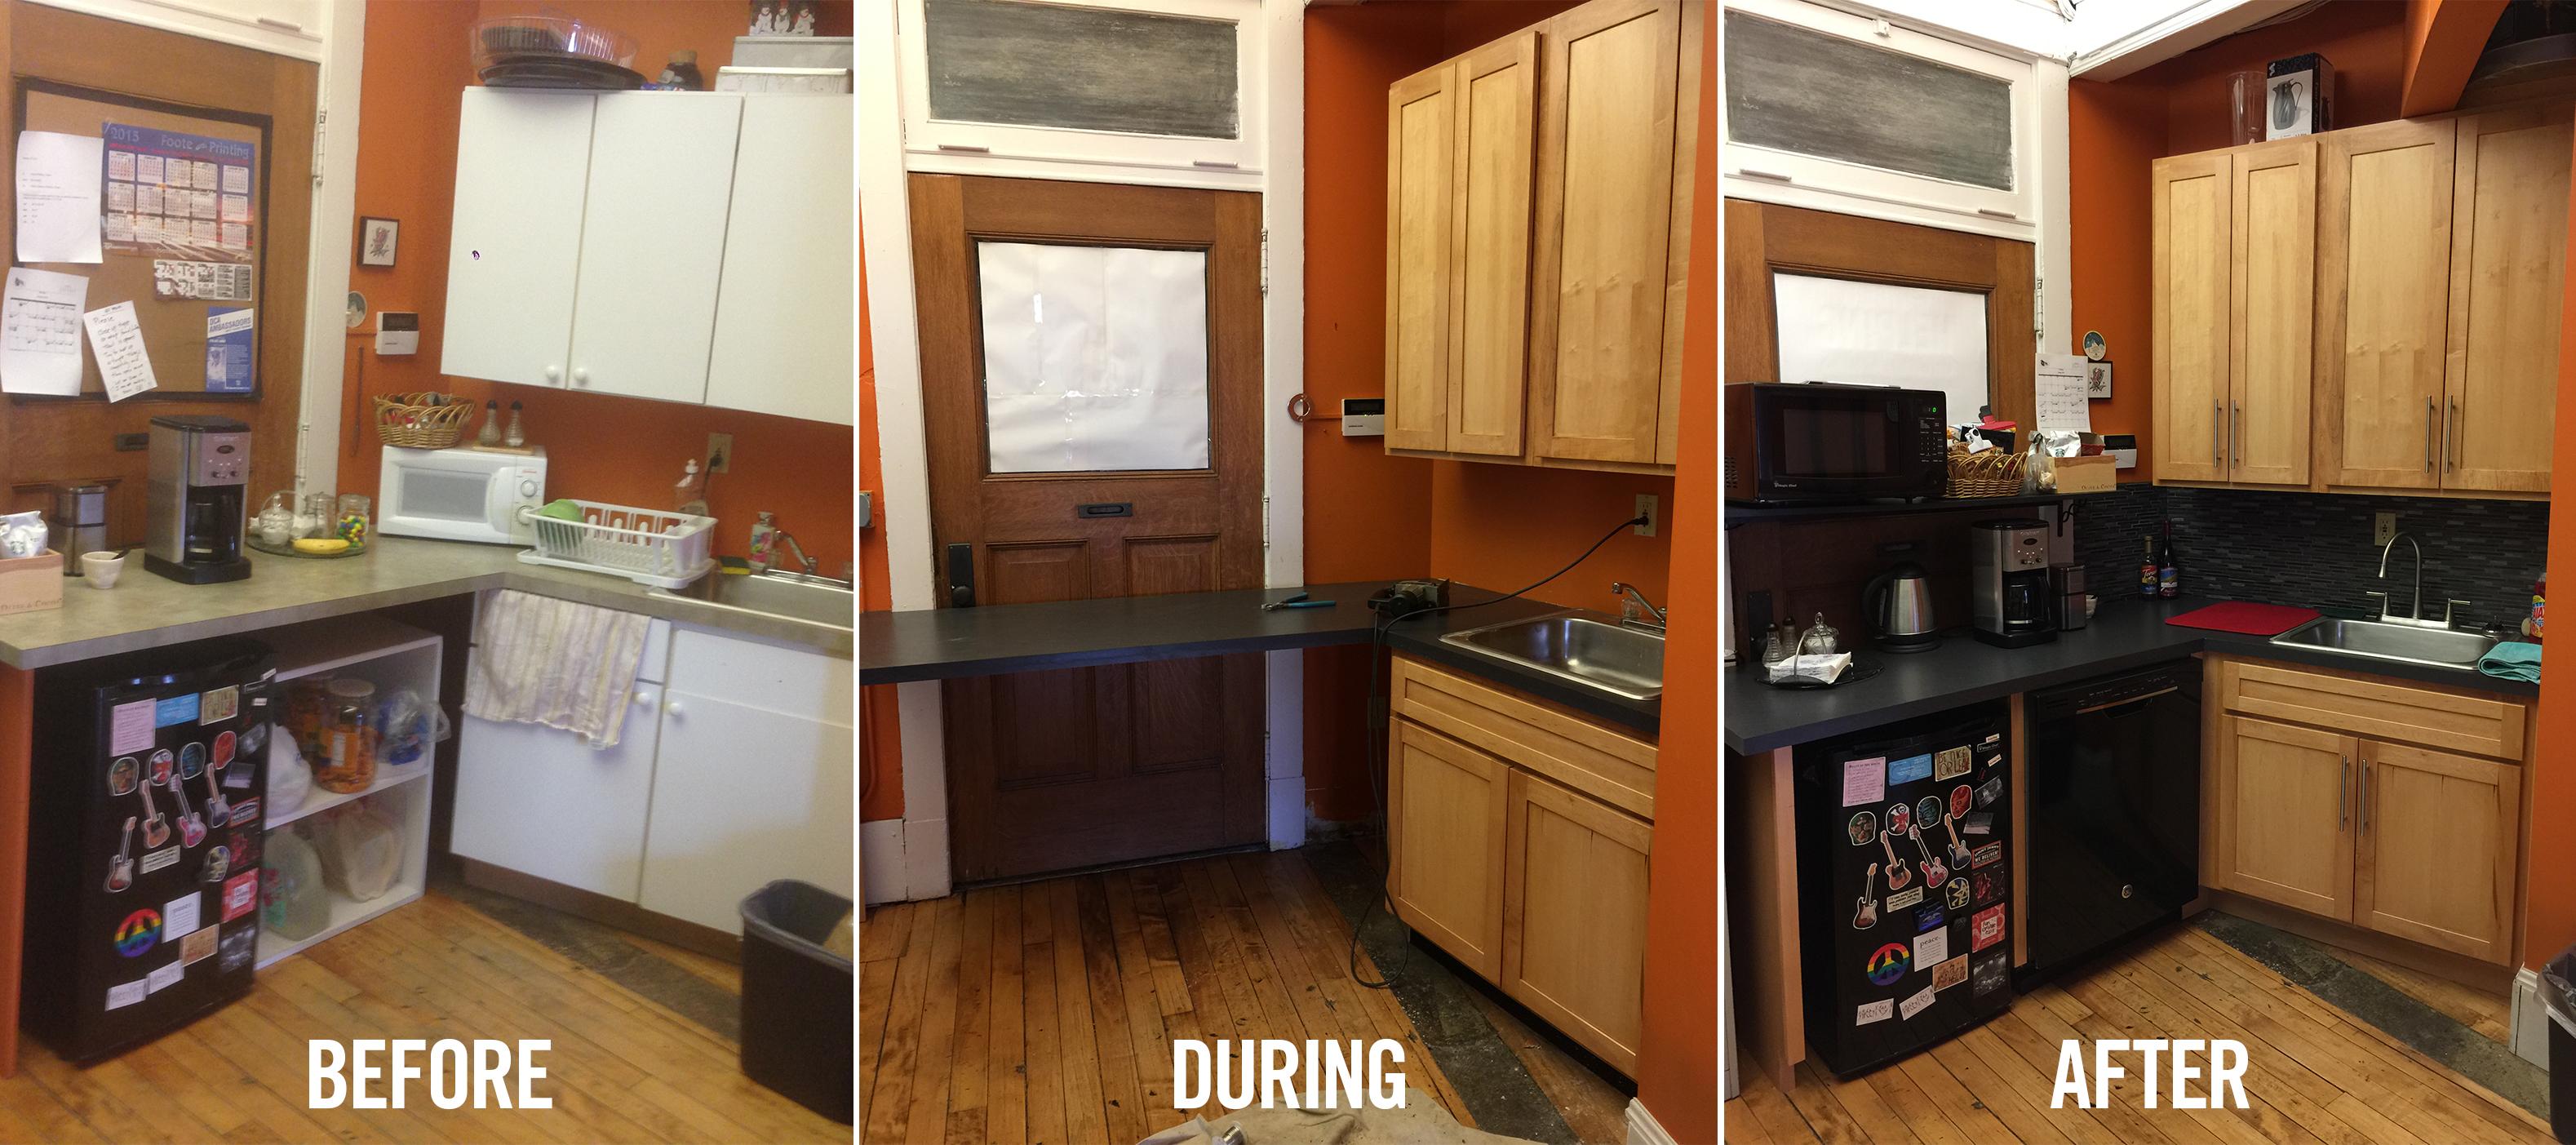 drc-kitchen